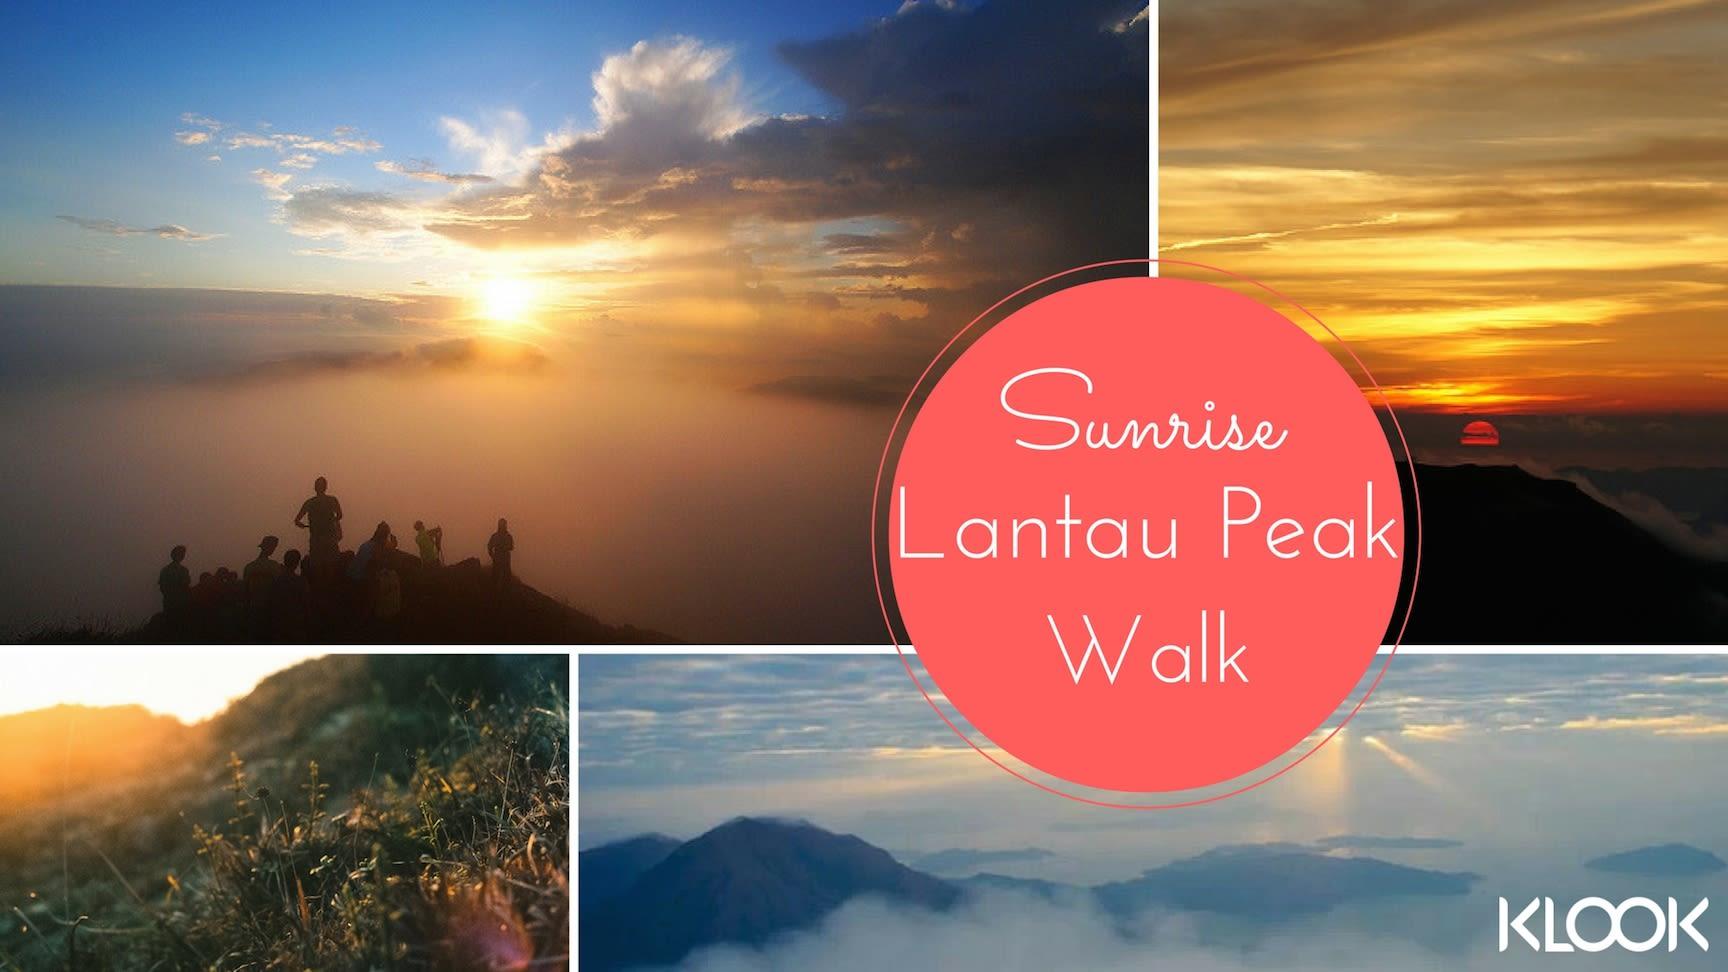 hiking, hiking trail, hiking in hong kong, hiking with lover, hiking with boyfriend, hiking with girlfriend, Lantau Peak, Fung Wong Shan, Lantau Peak sunrise, sunrise in hong kong